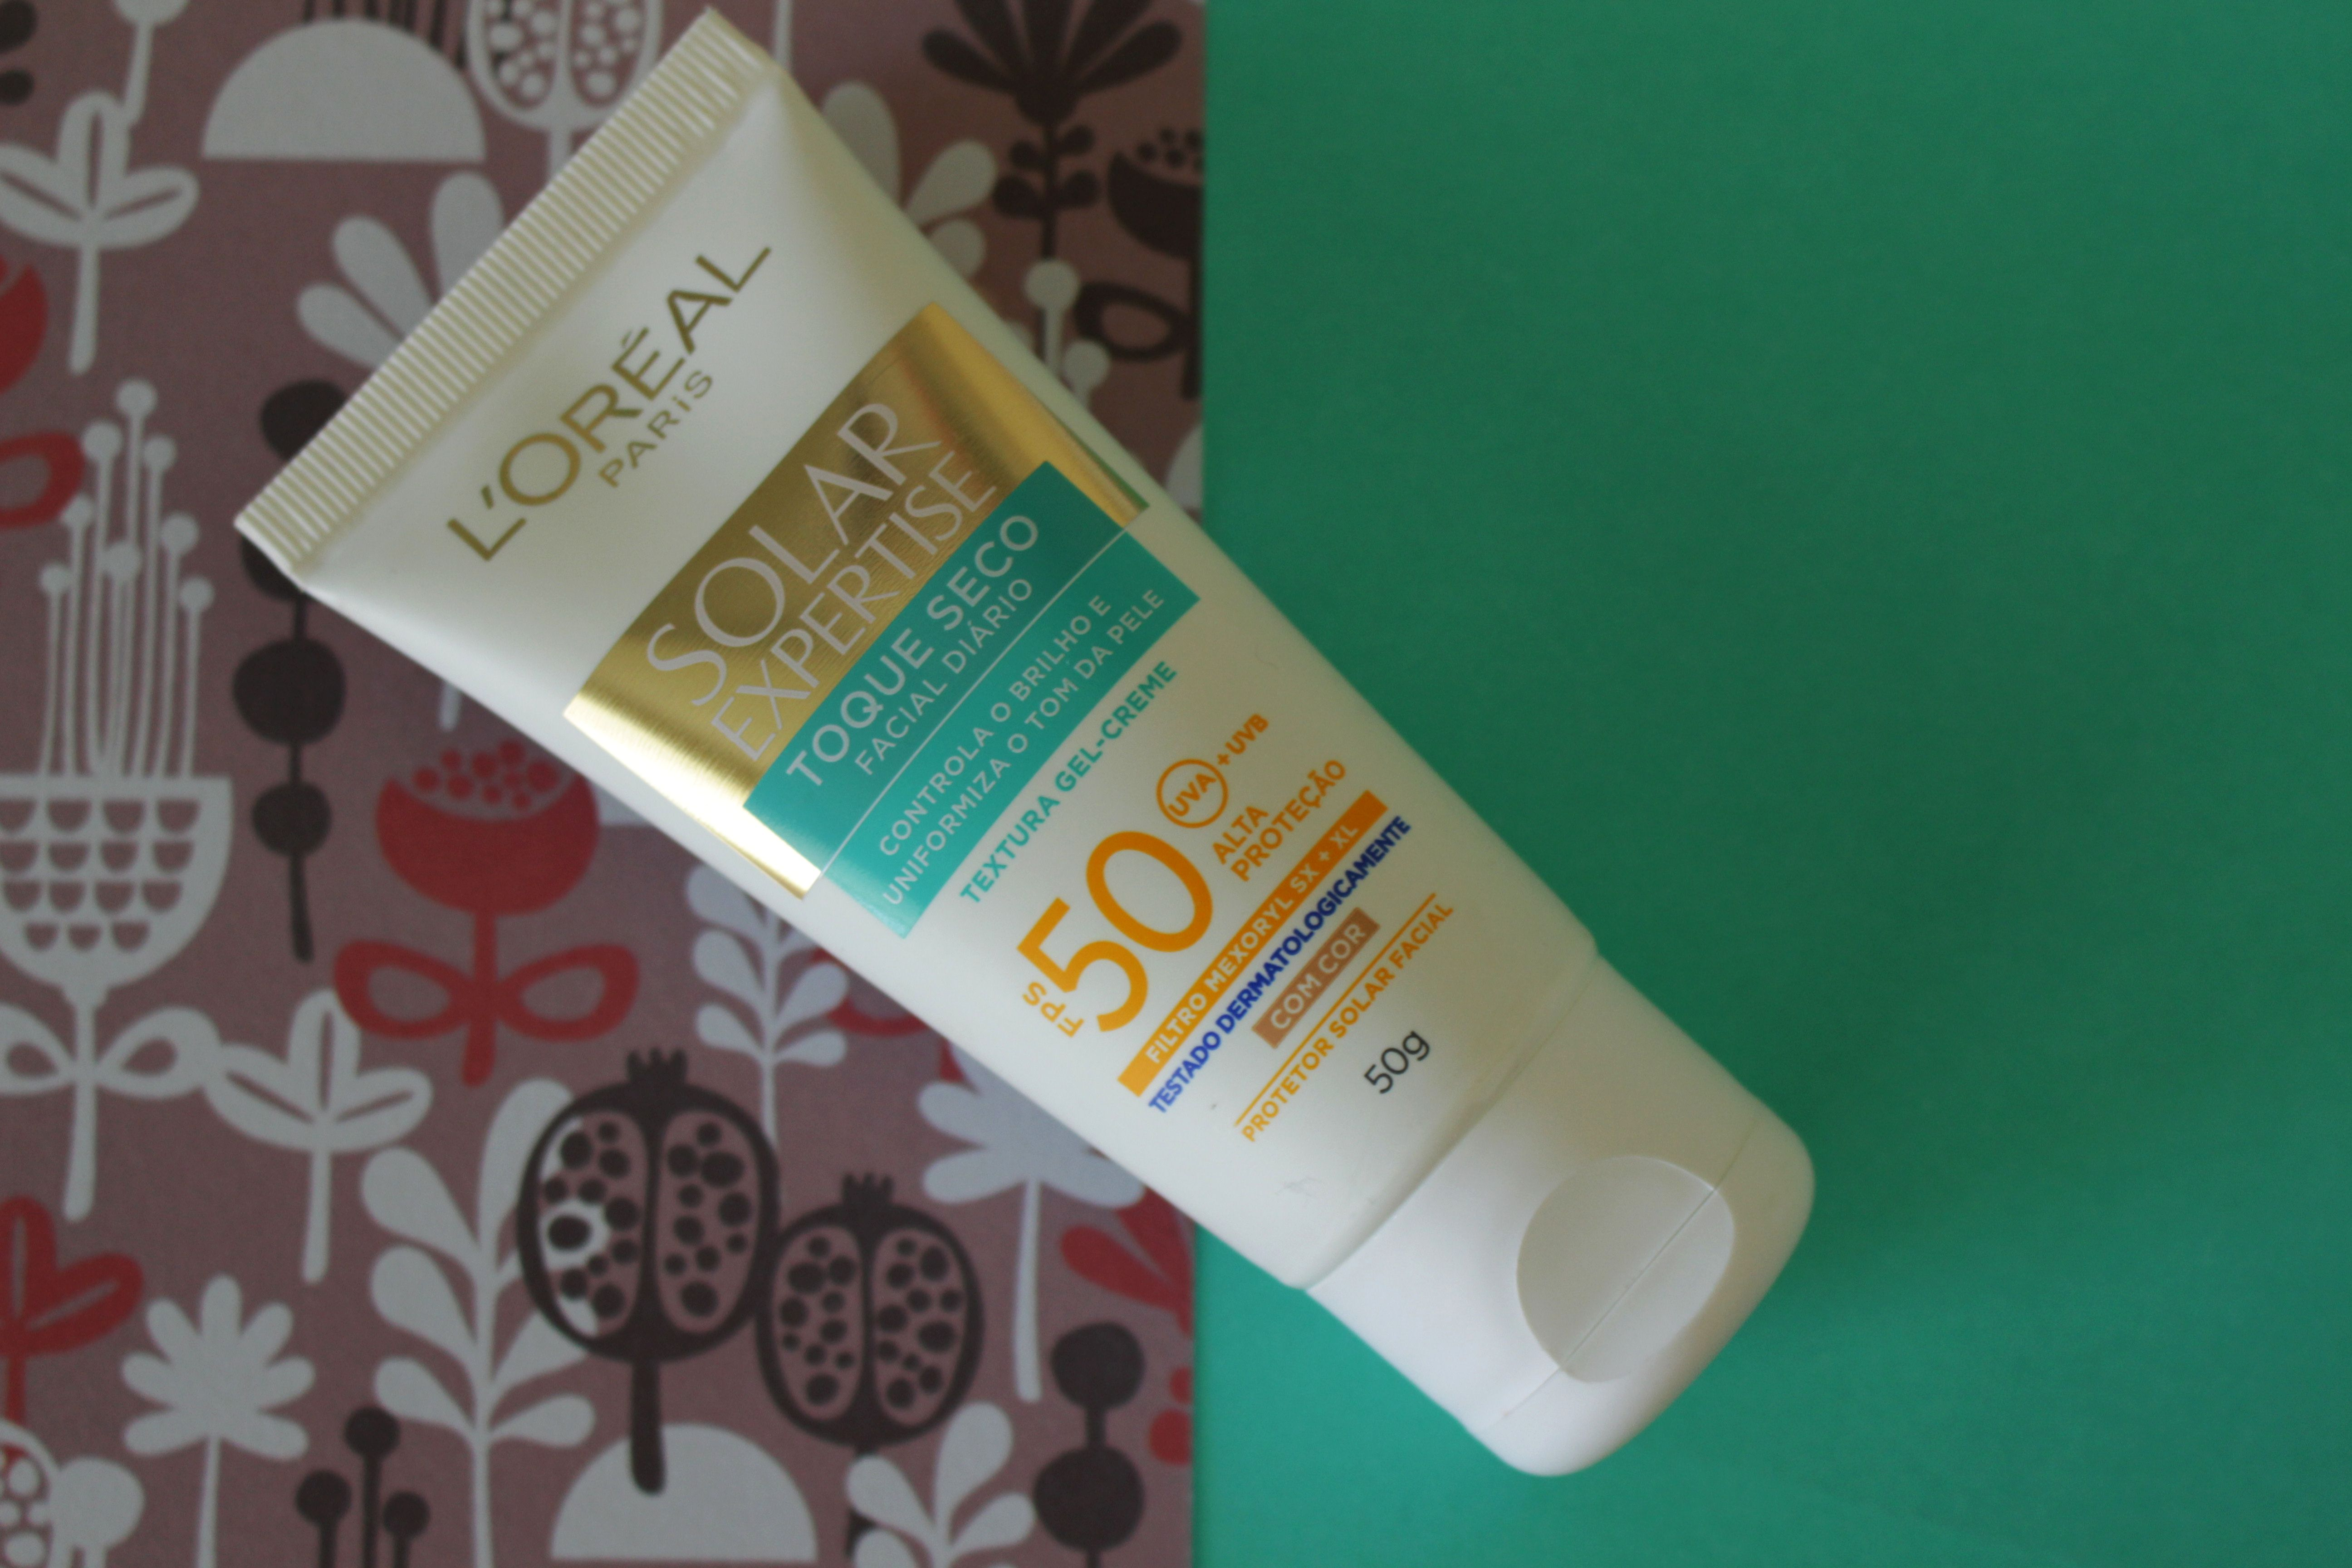 Resenha  Protetor Solar com cor FPS50 Solar Expertise da L oréal  ParisLeticia Almeida – Maquiagem e Beleza 9dedfbb2ef